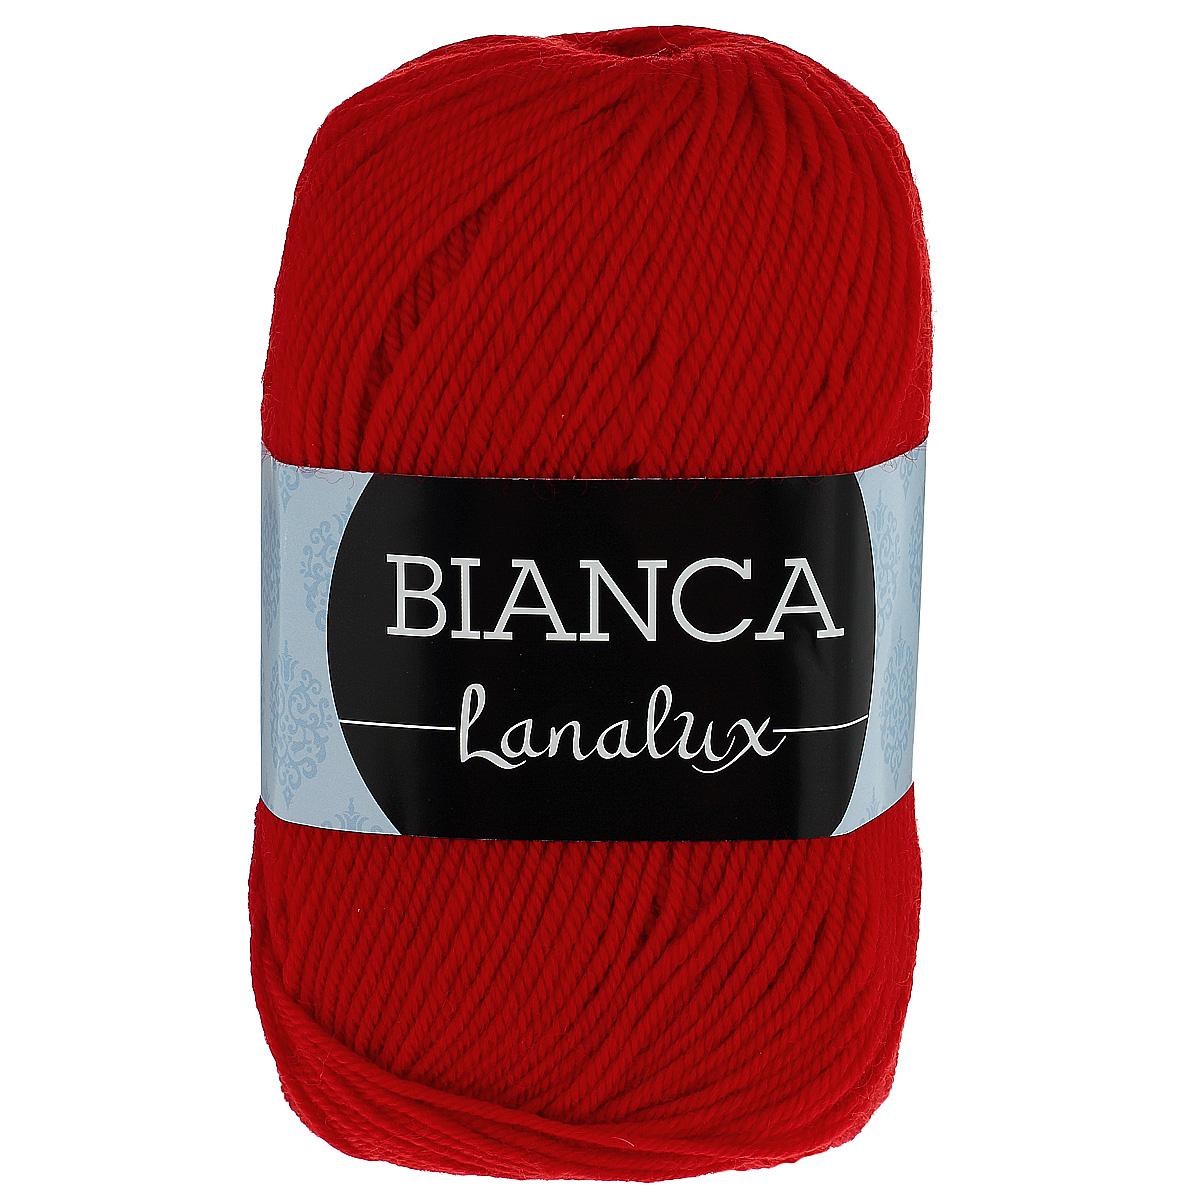 Пряжа для вязания YarnArt Bianca LanaLux, цвет: красный (852), 250 м, 100 г, 5 шт372093_852Пряжа YarnArt Bianca LanaLux - это классическая чистошерстяная пряжа для вязания. Нить очень мягкая, приятная на ощупь, слегка шелковистая, упругая и не колется. Изделия из нее получаются теплыми и нежными, не теряют форму. Пряжа подходит для вязания платьев, кардиганов, жилетов и джемперов. Рекомендованные спицы и крючок для вязания 4 мм. Состав: 100% шерсть.